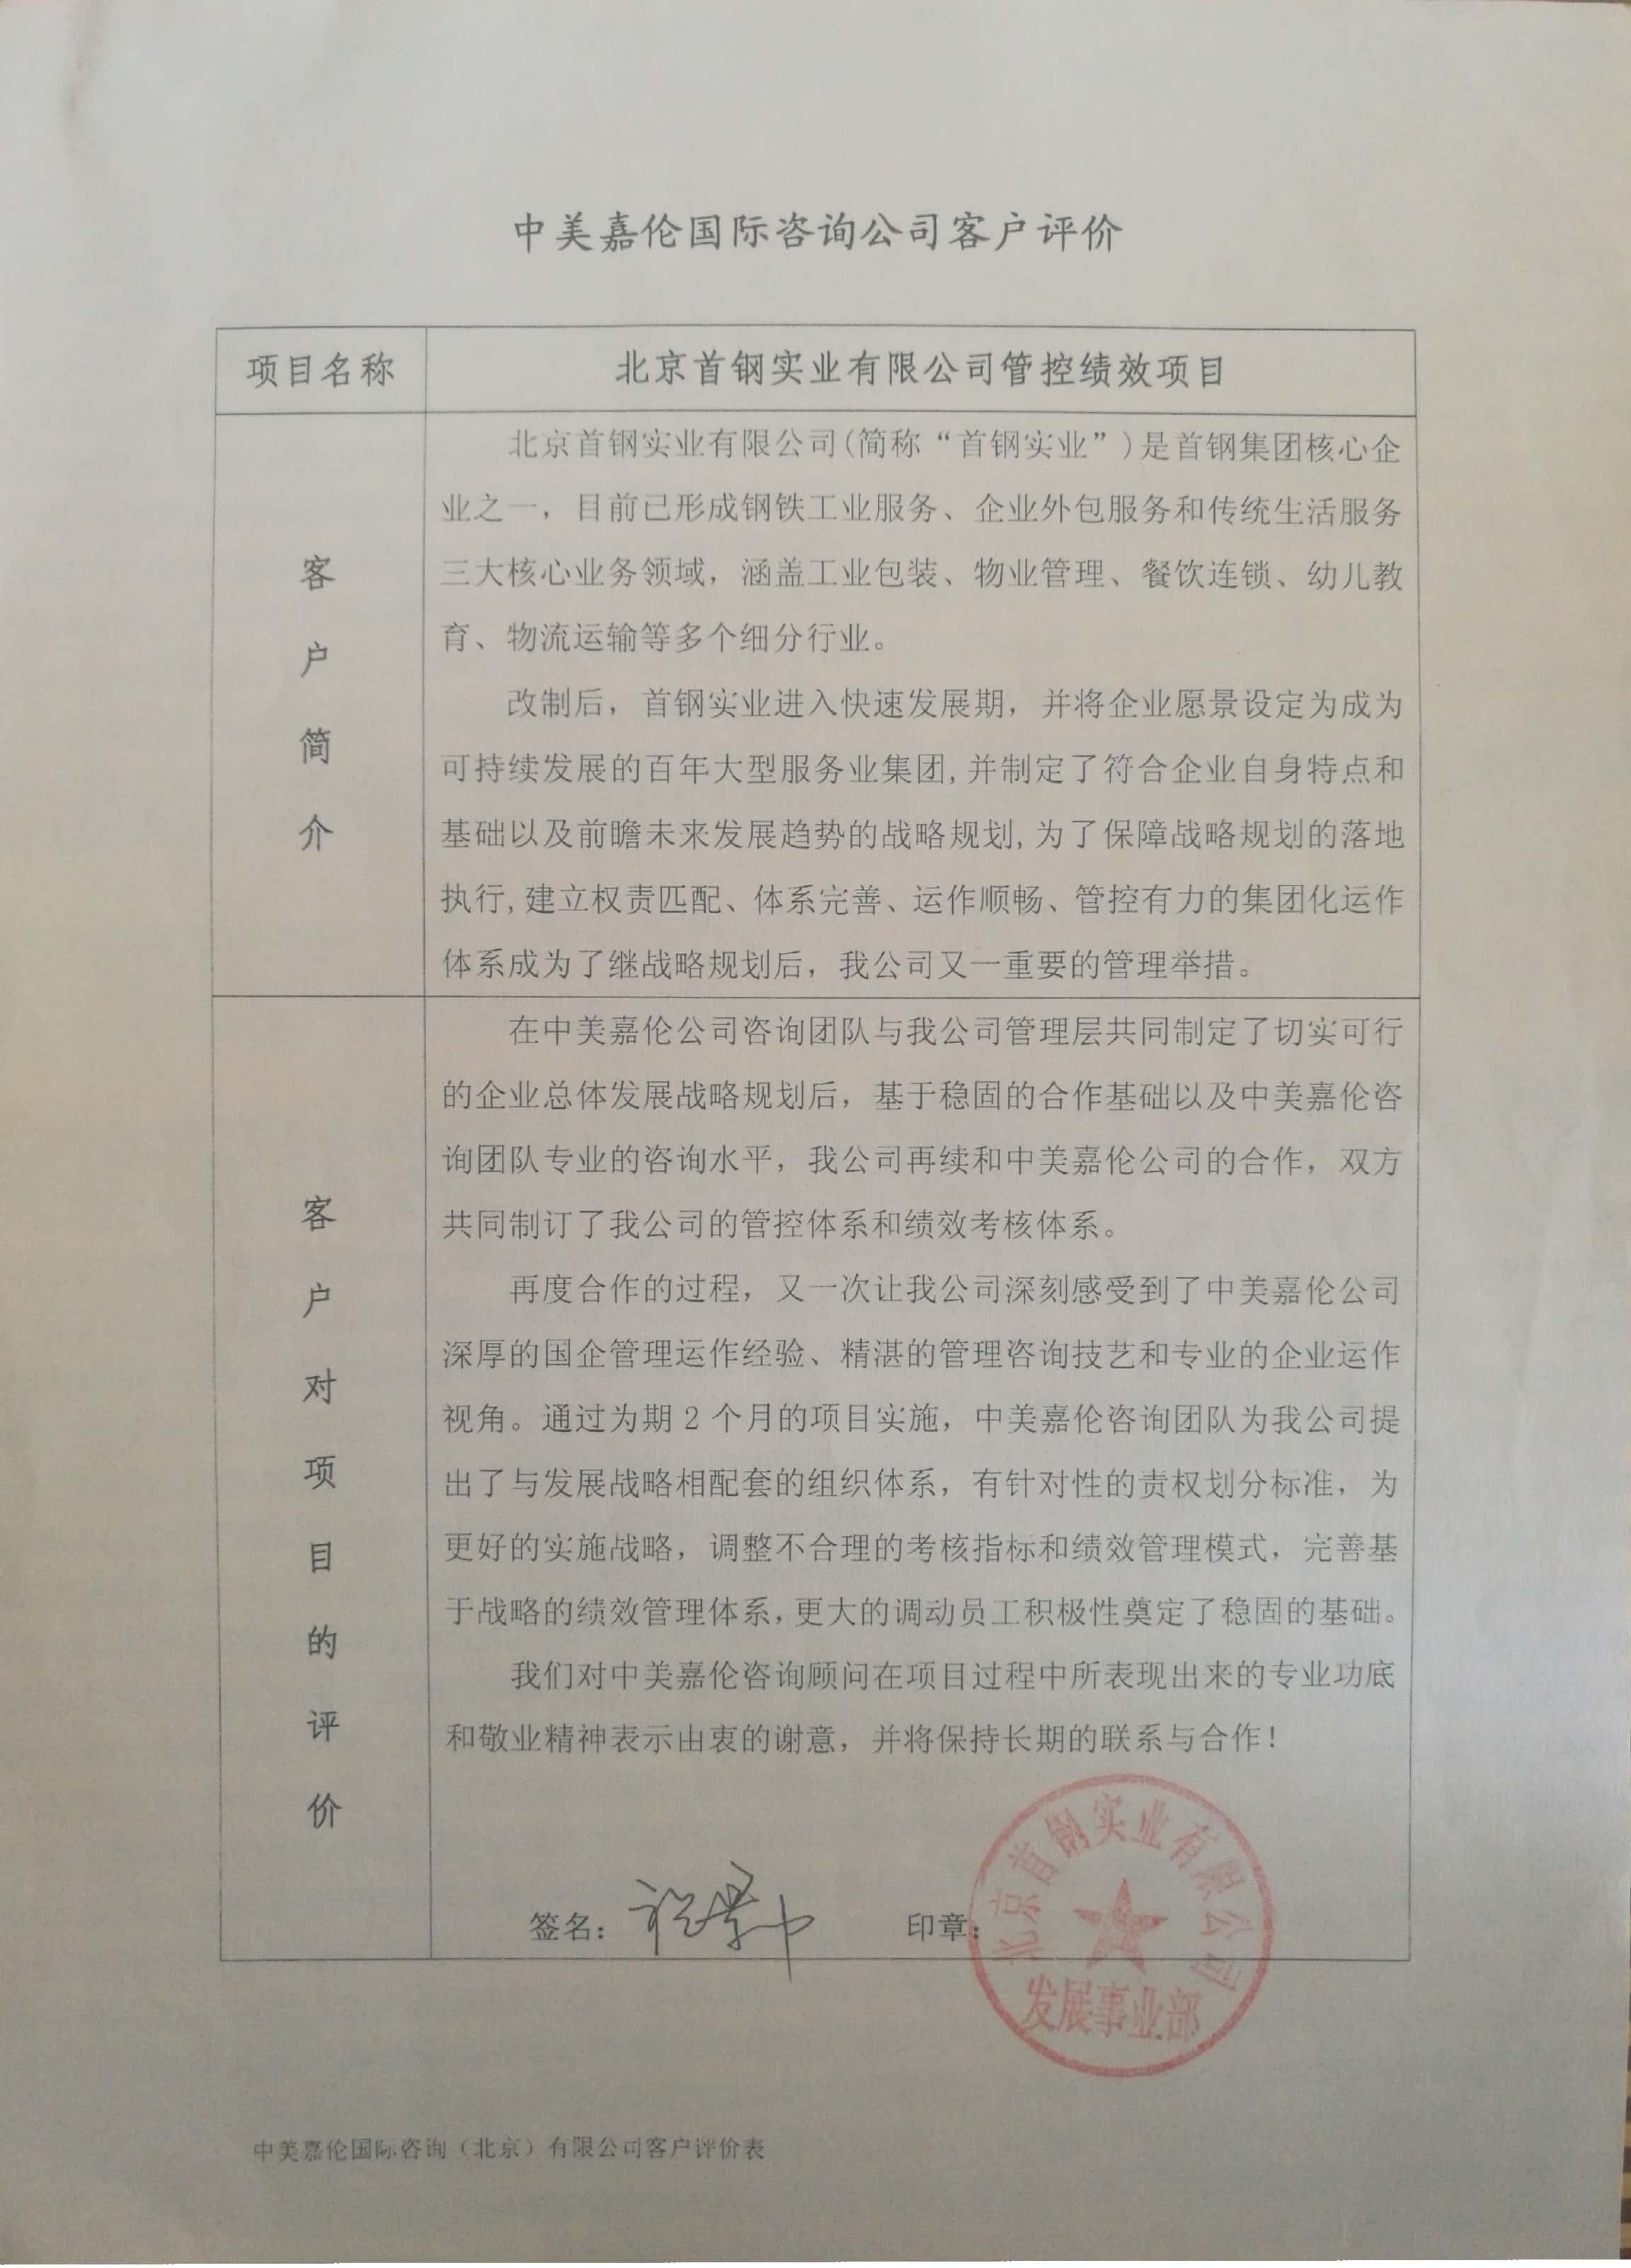 北京首钢实业有限公司管控绩效项目客户评价表